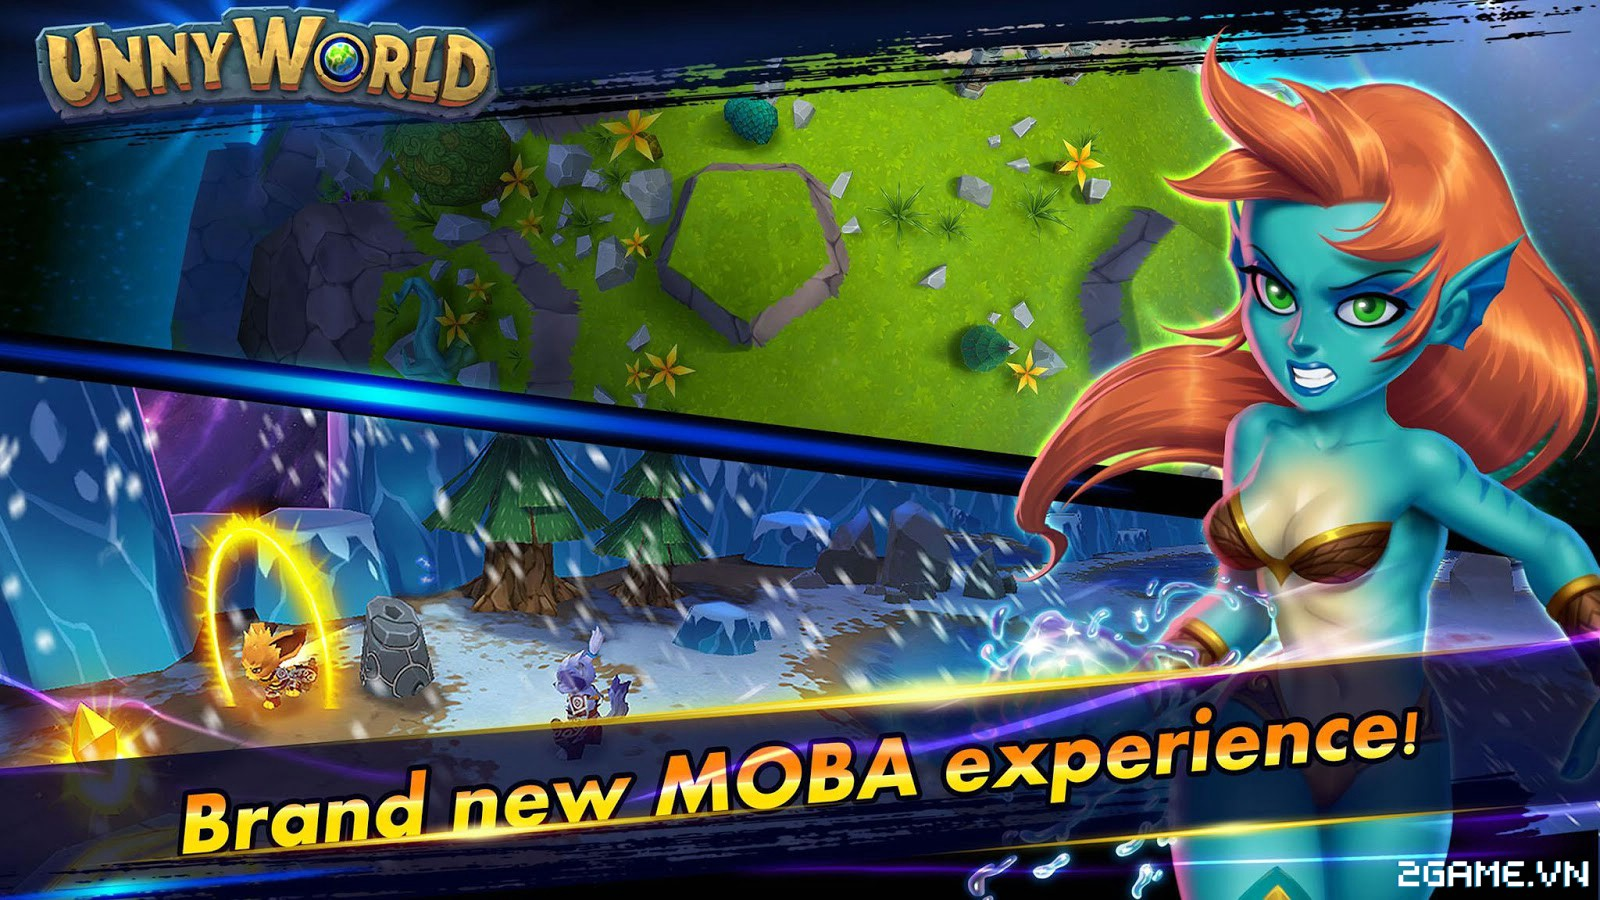 UnnyWorld – Game MOBA với phong cách bản đồ và lối chơi siêu dị 2